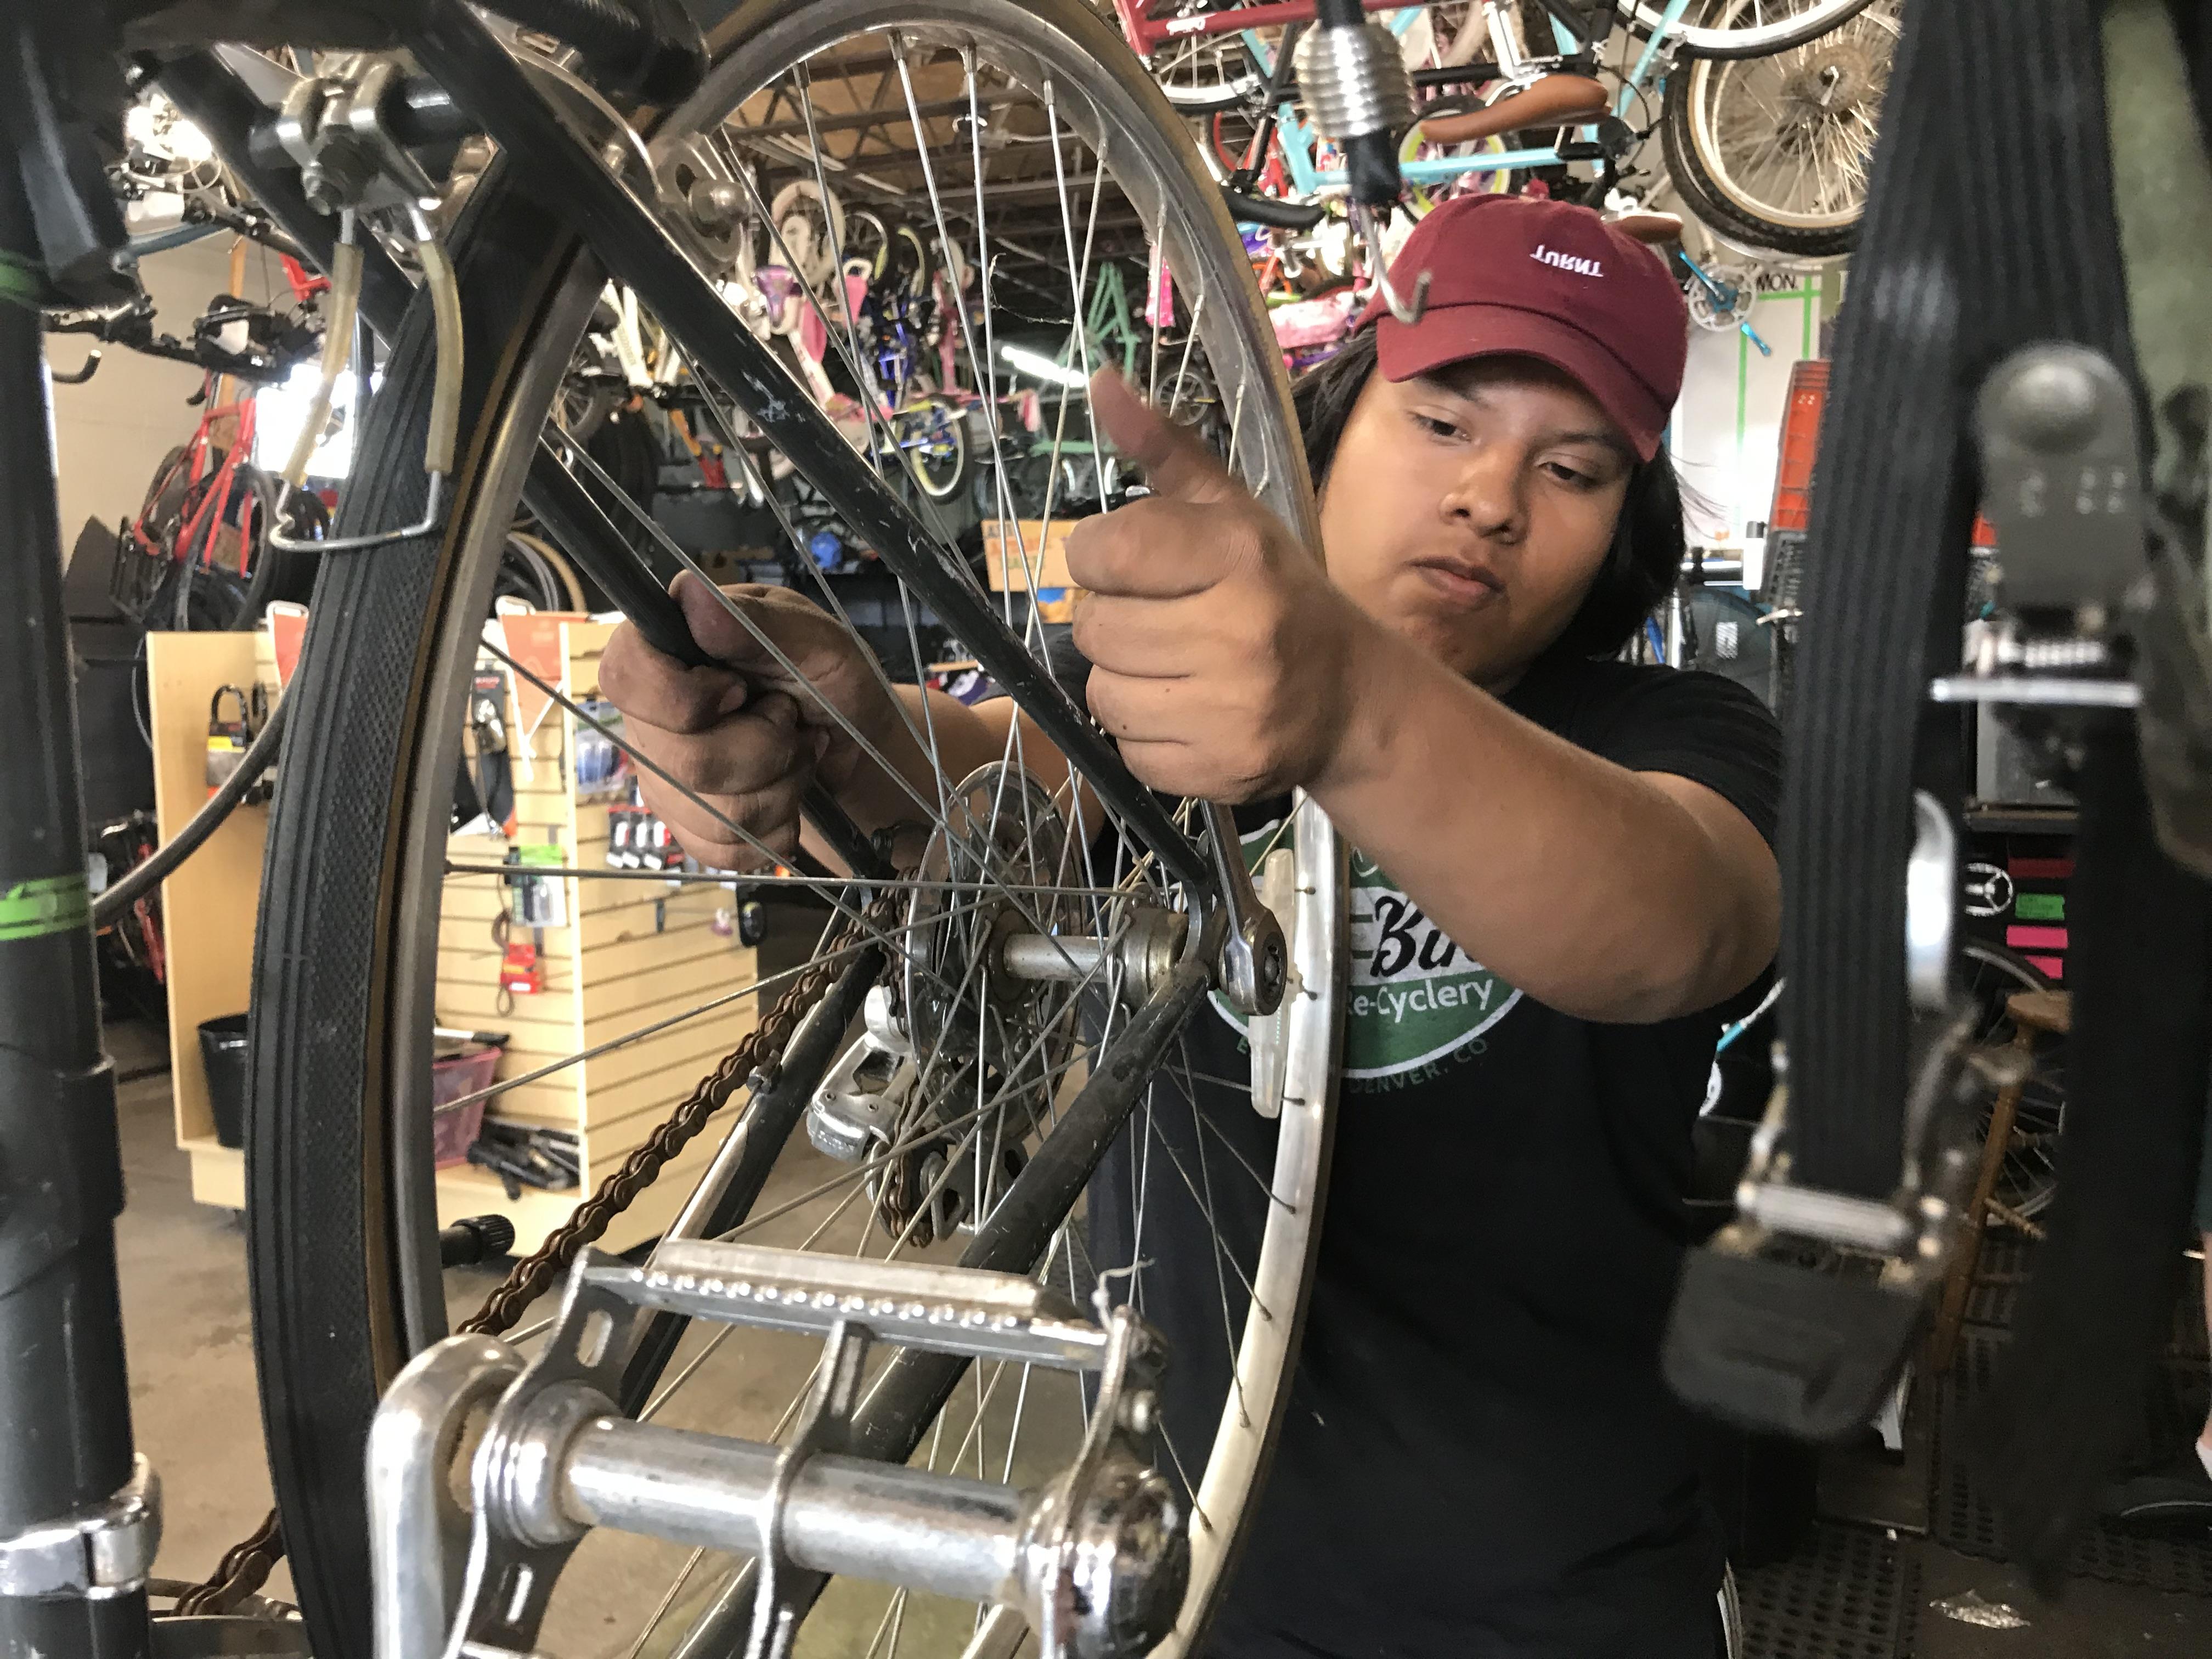 Photo: Aldo Cruz Lucky Bikes Re-Cyclery Trips For Kids